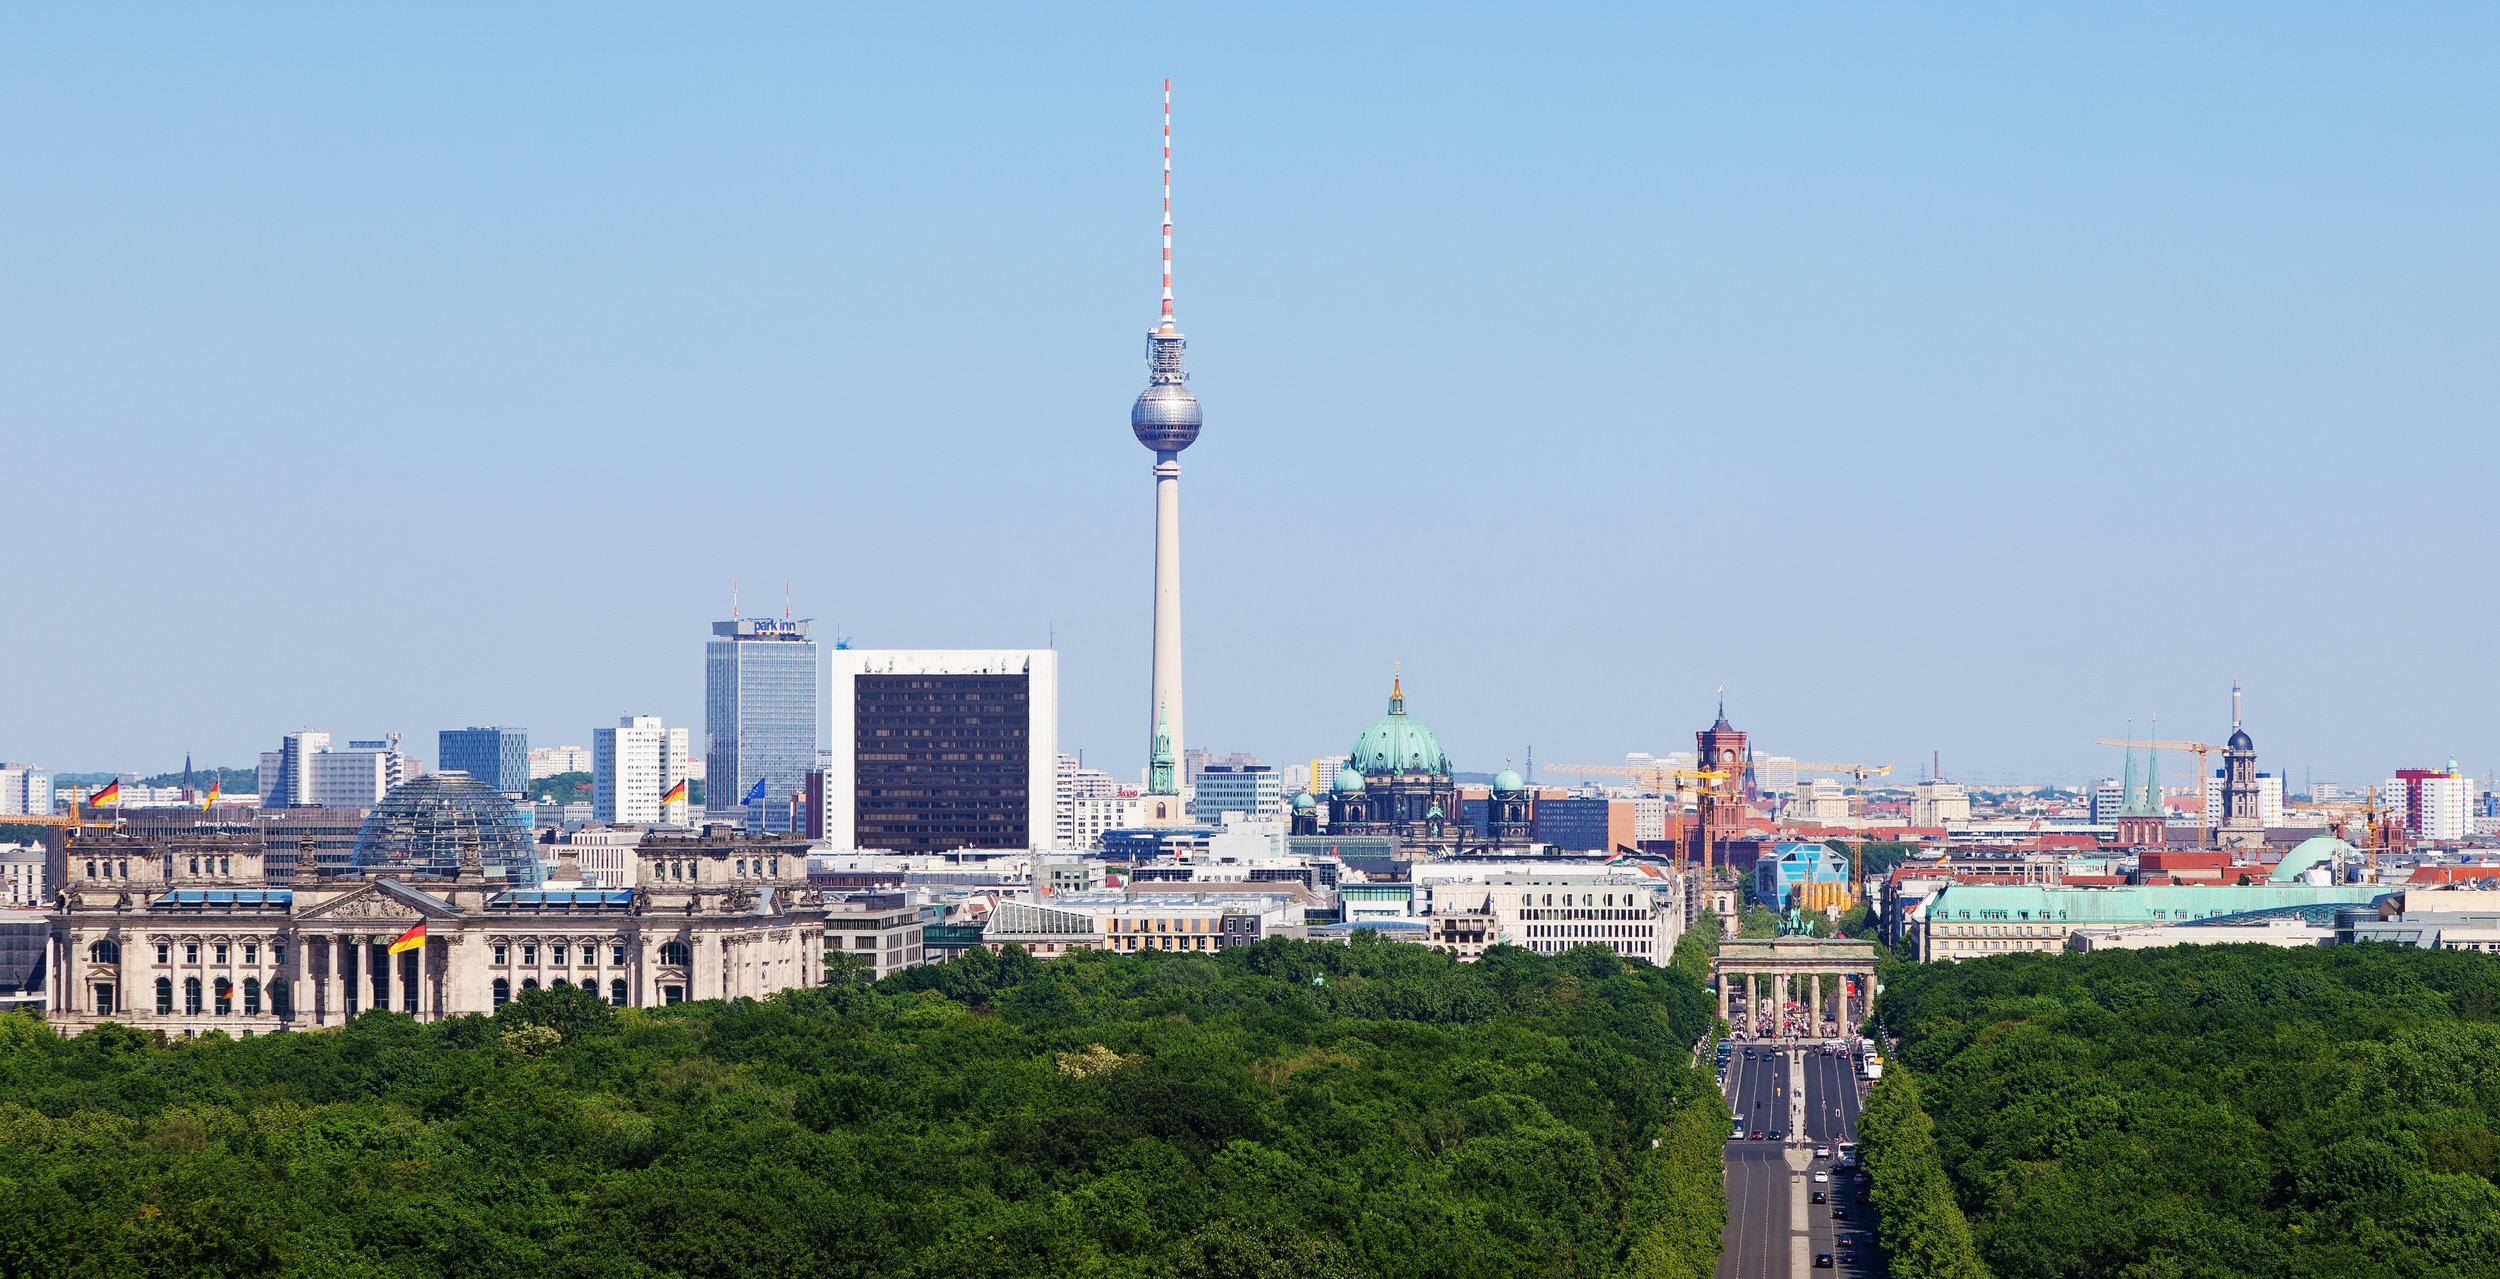 berlin - October 2019